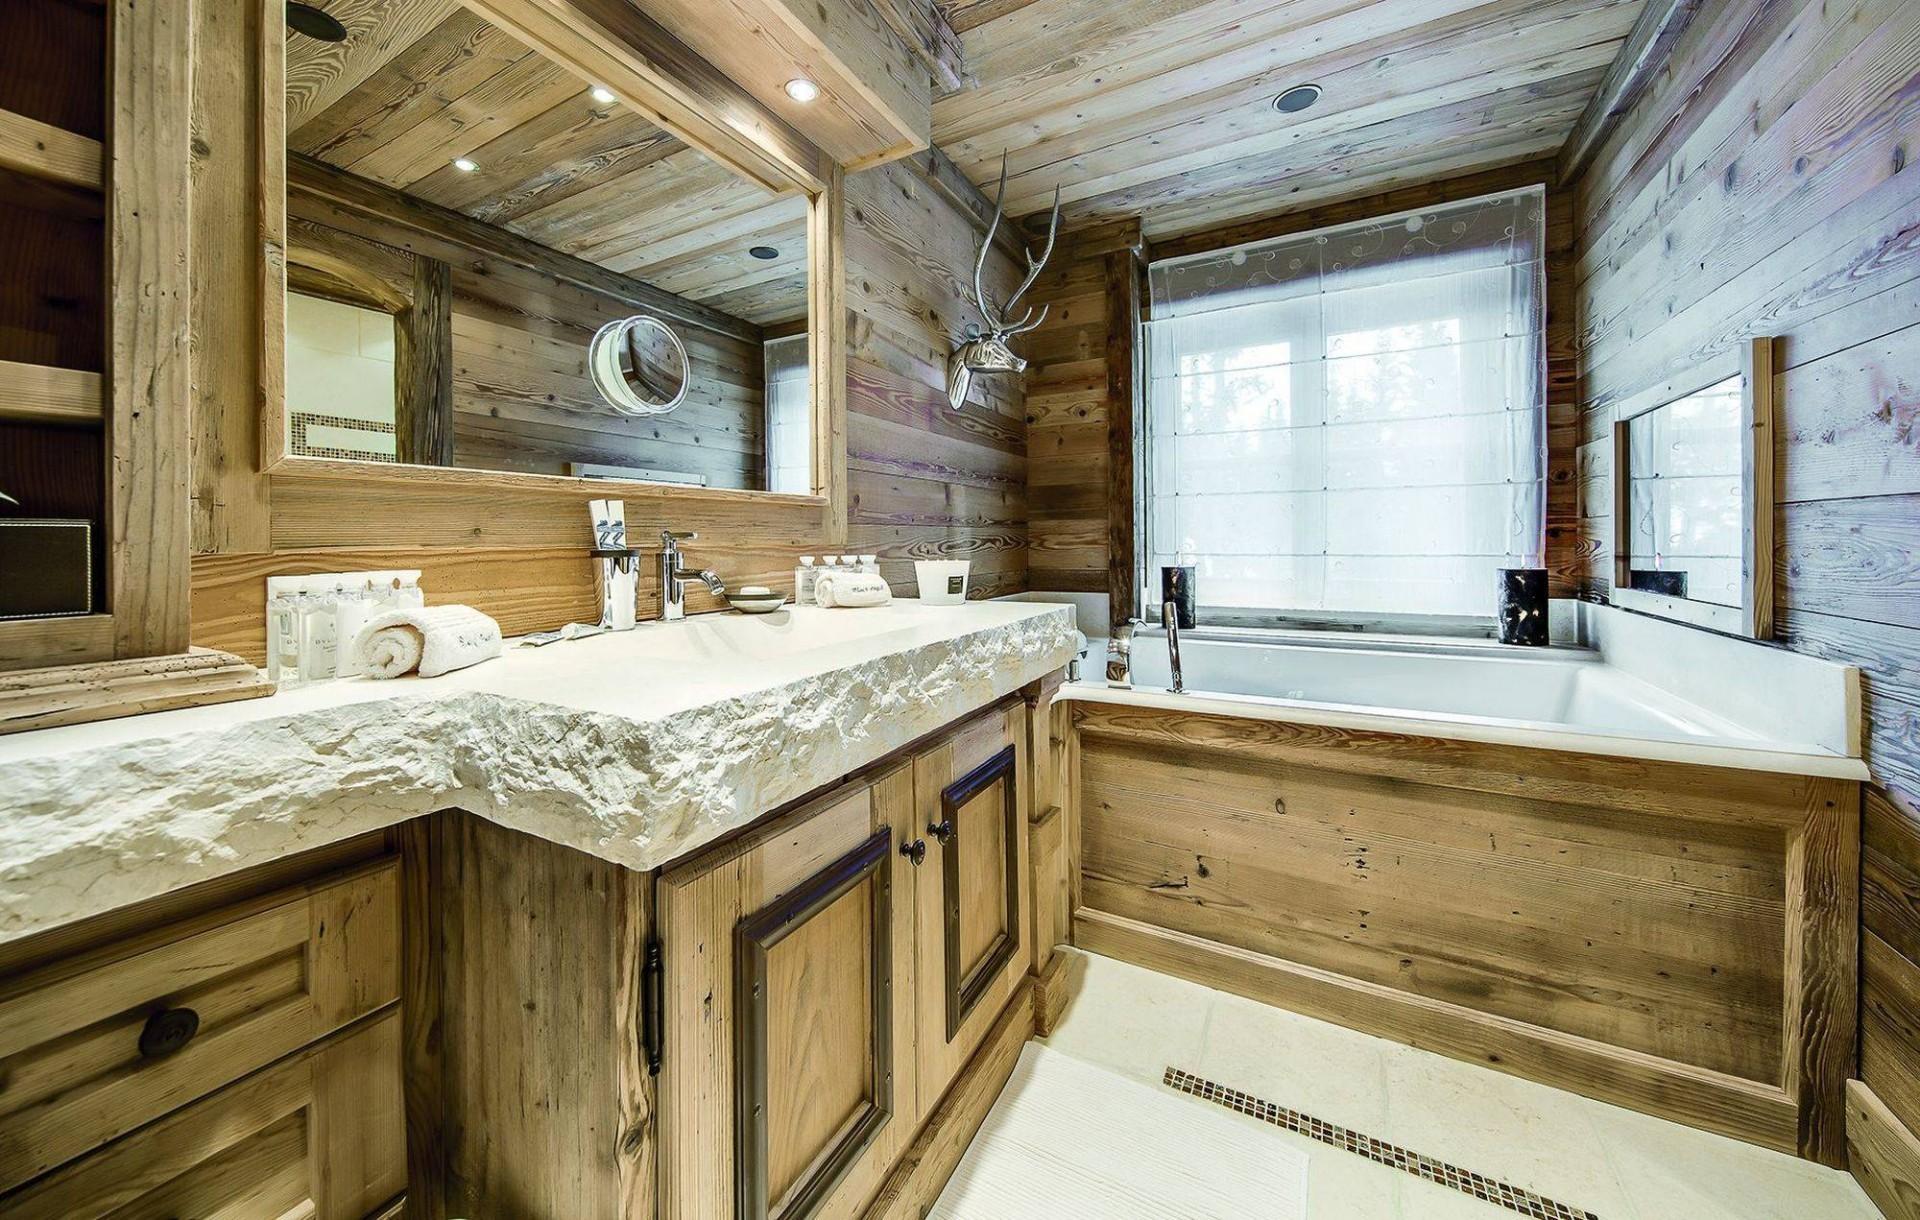 Courchevel 1850 Luxury Rental Chalet Bepalite Bathroom 4